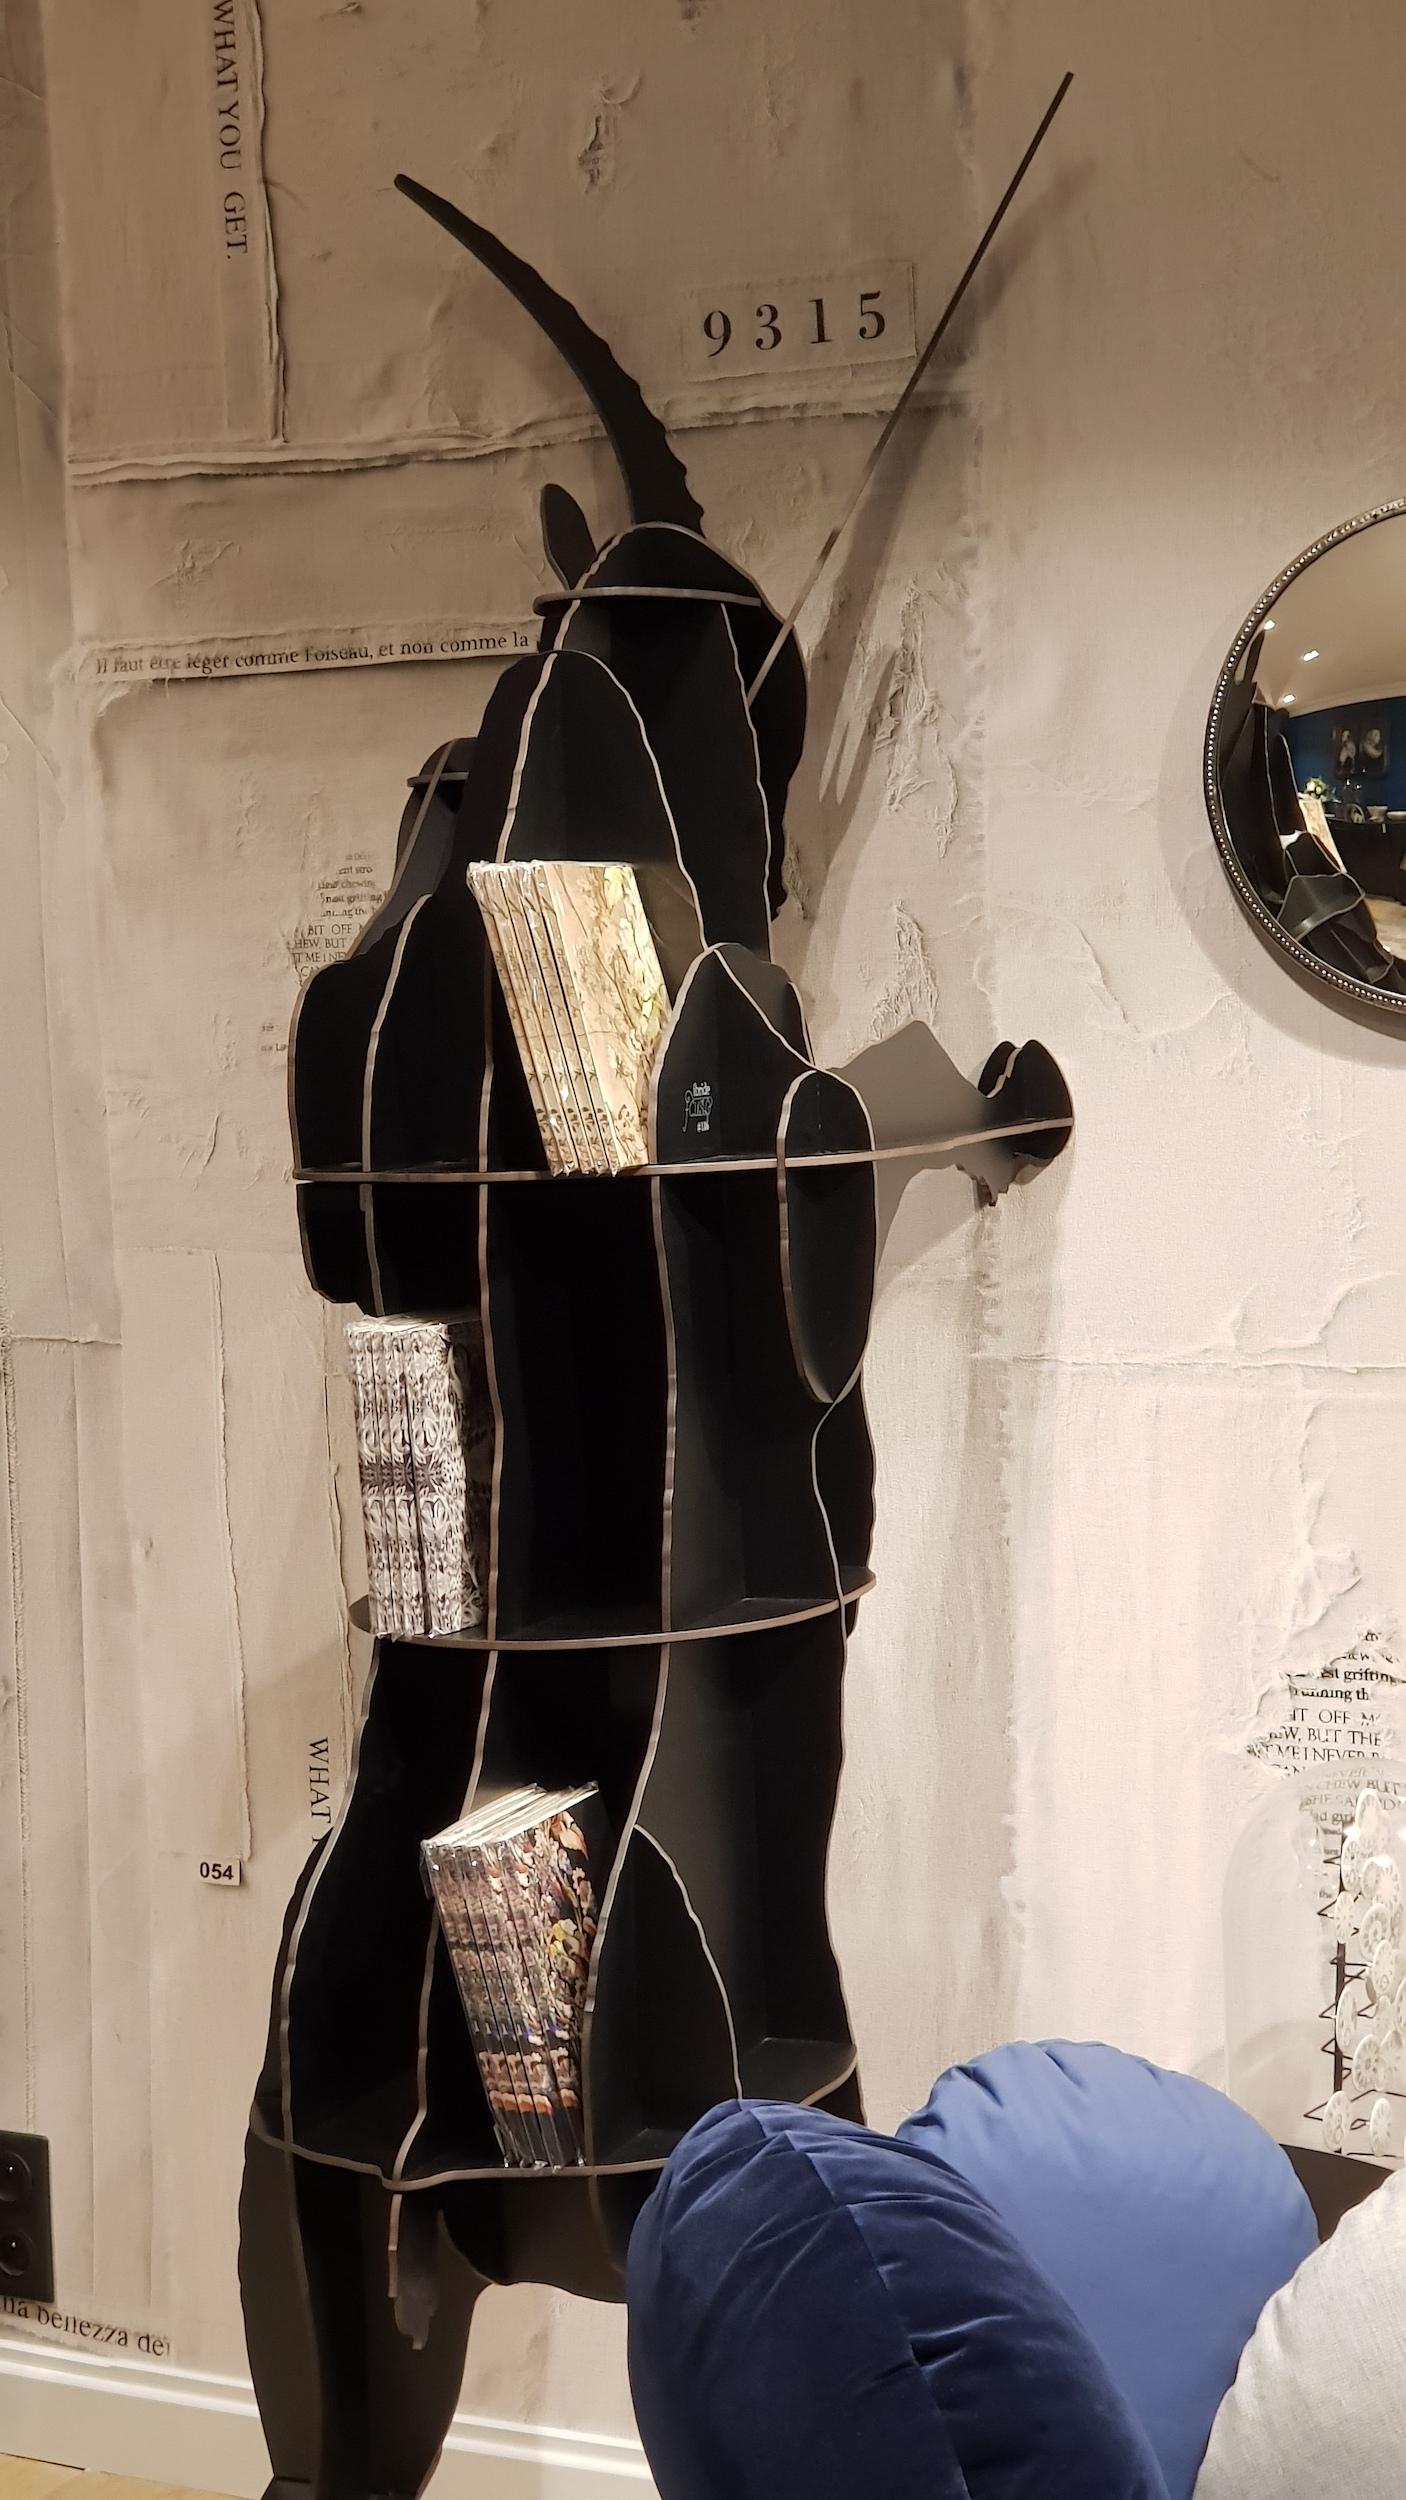 Renovation-boutique-lagny-decoration-77-large-4-original